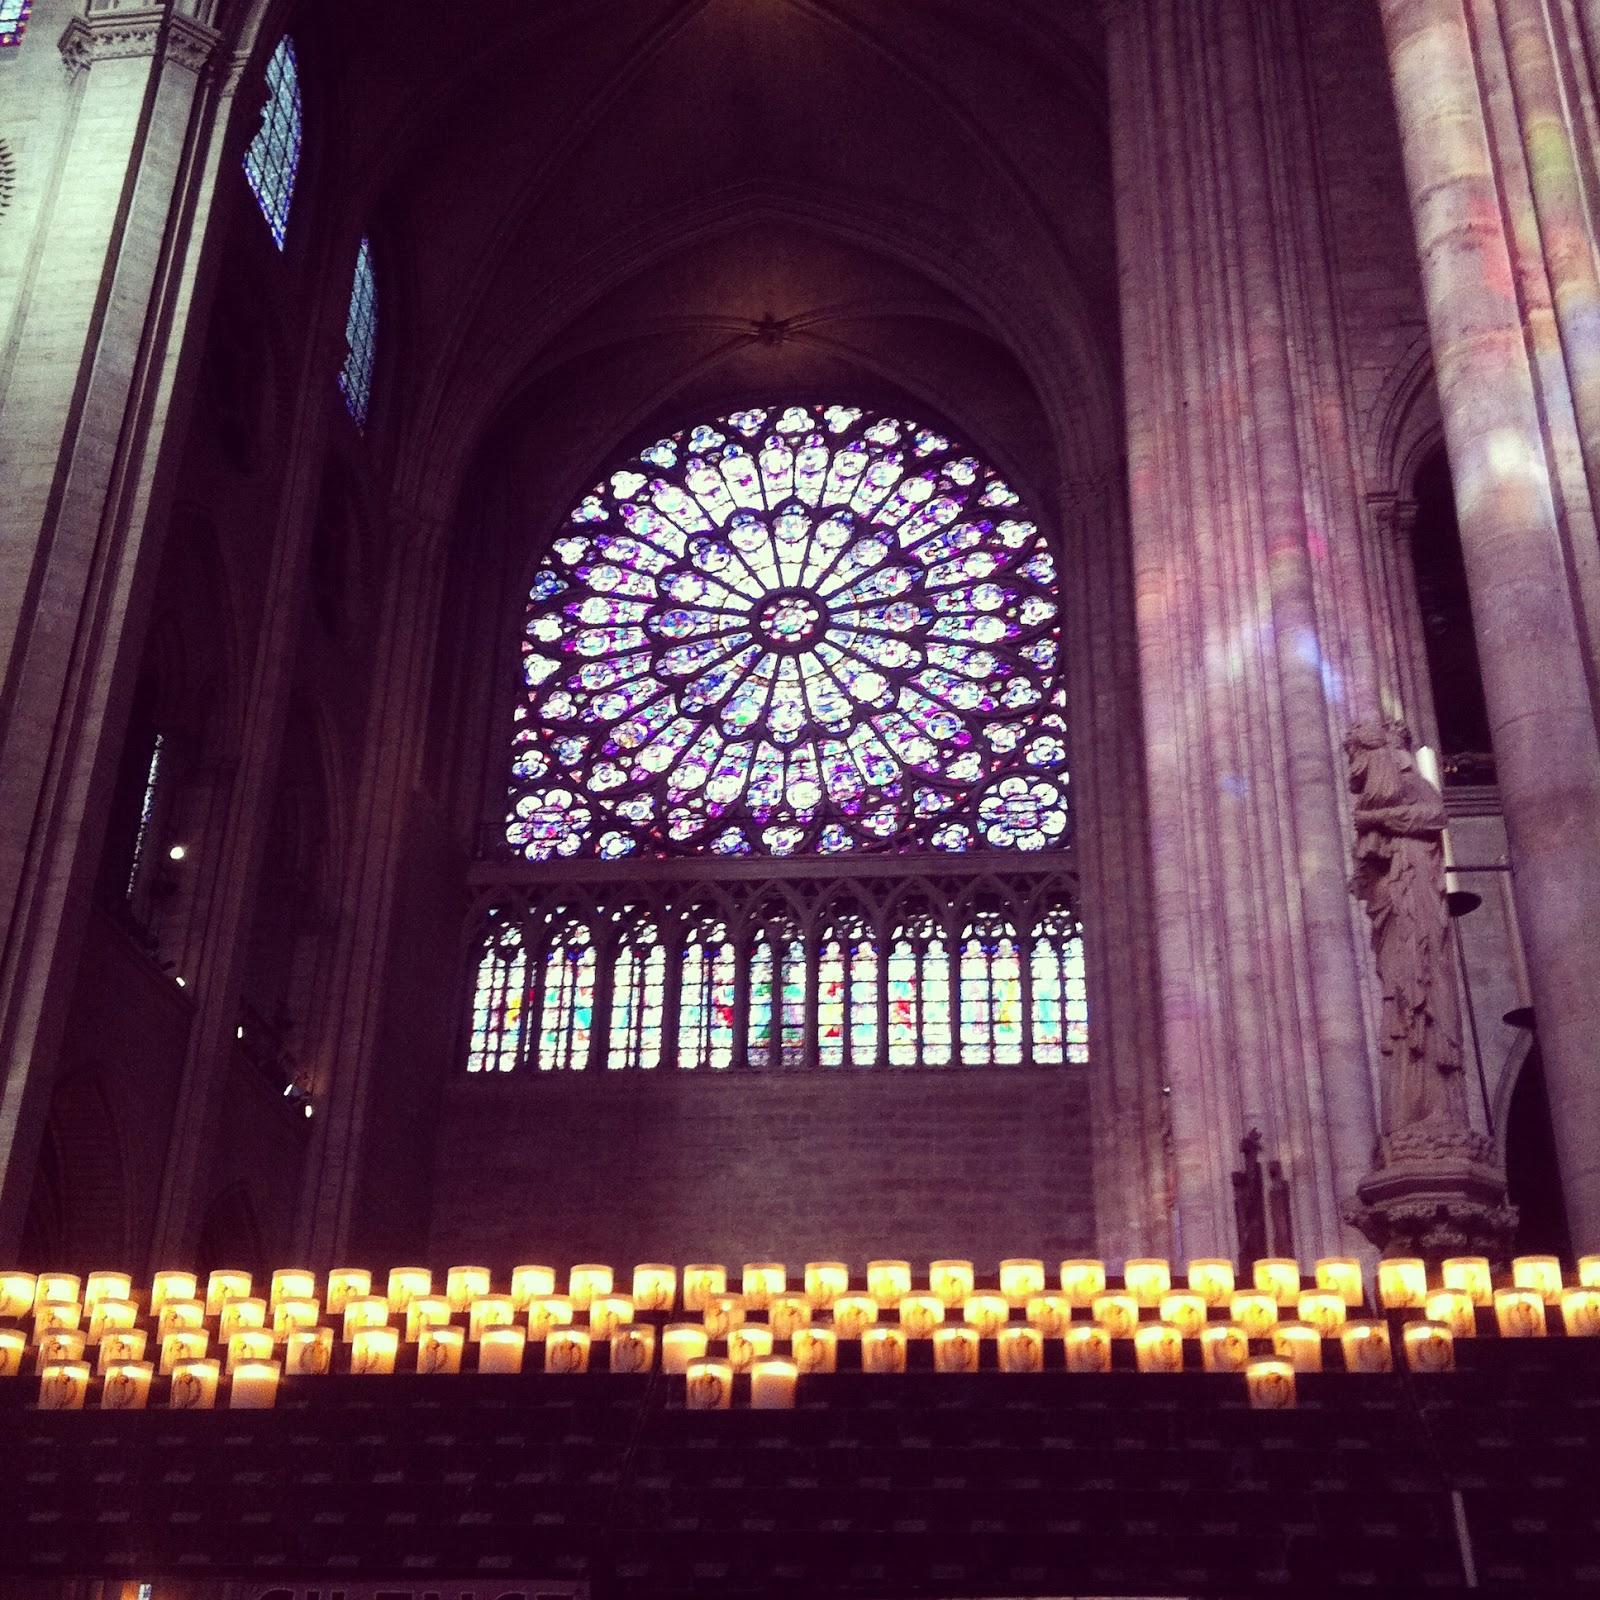 Vidriera de la Catedral de Notre Dame, Paris